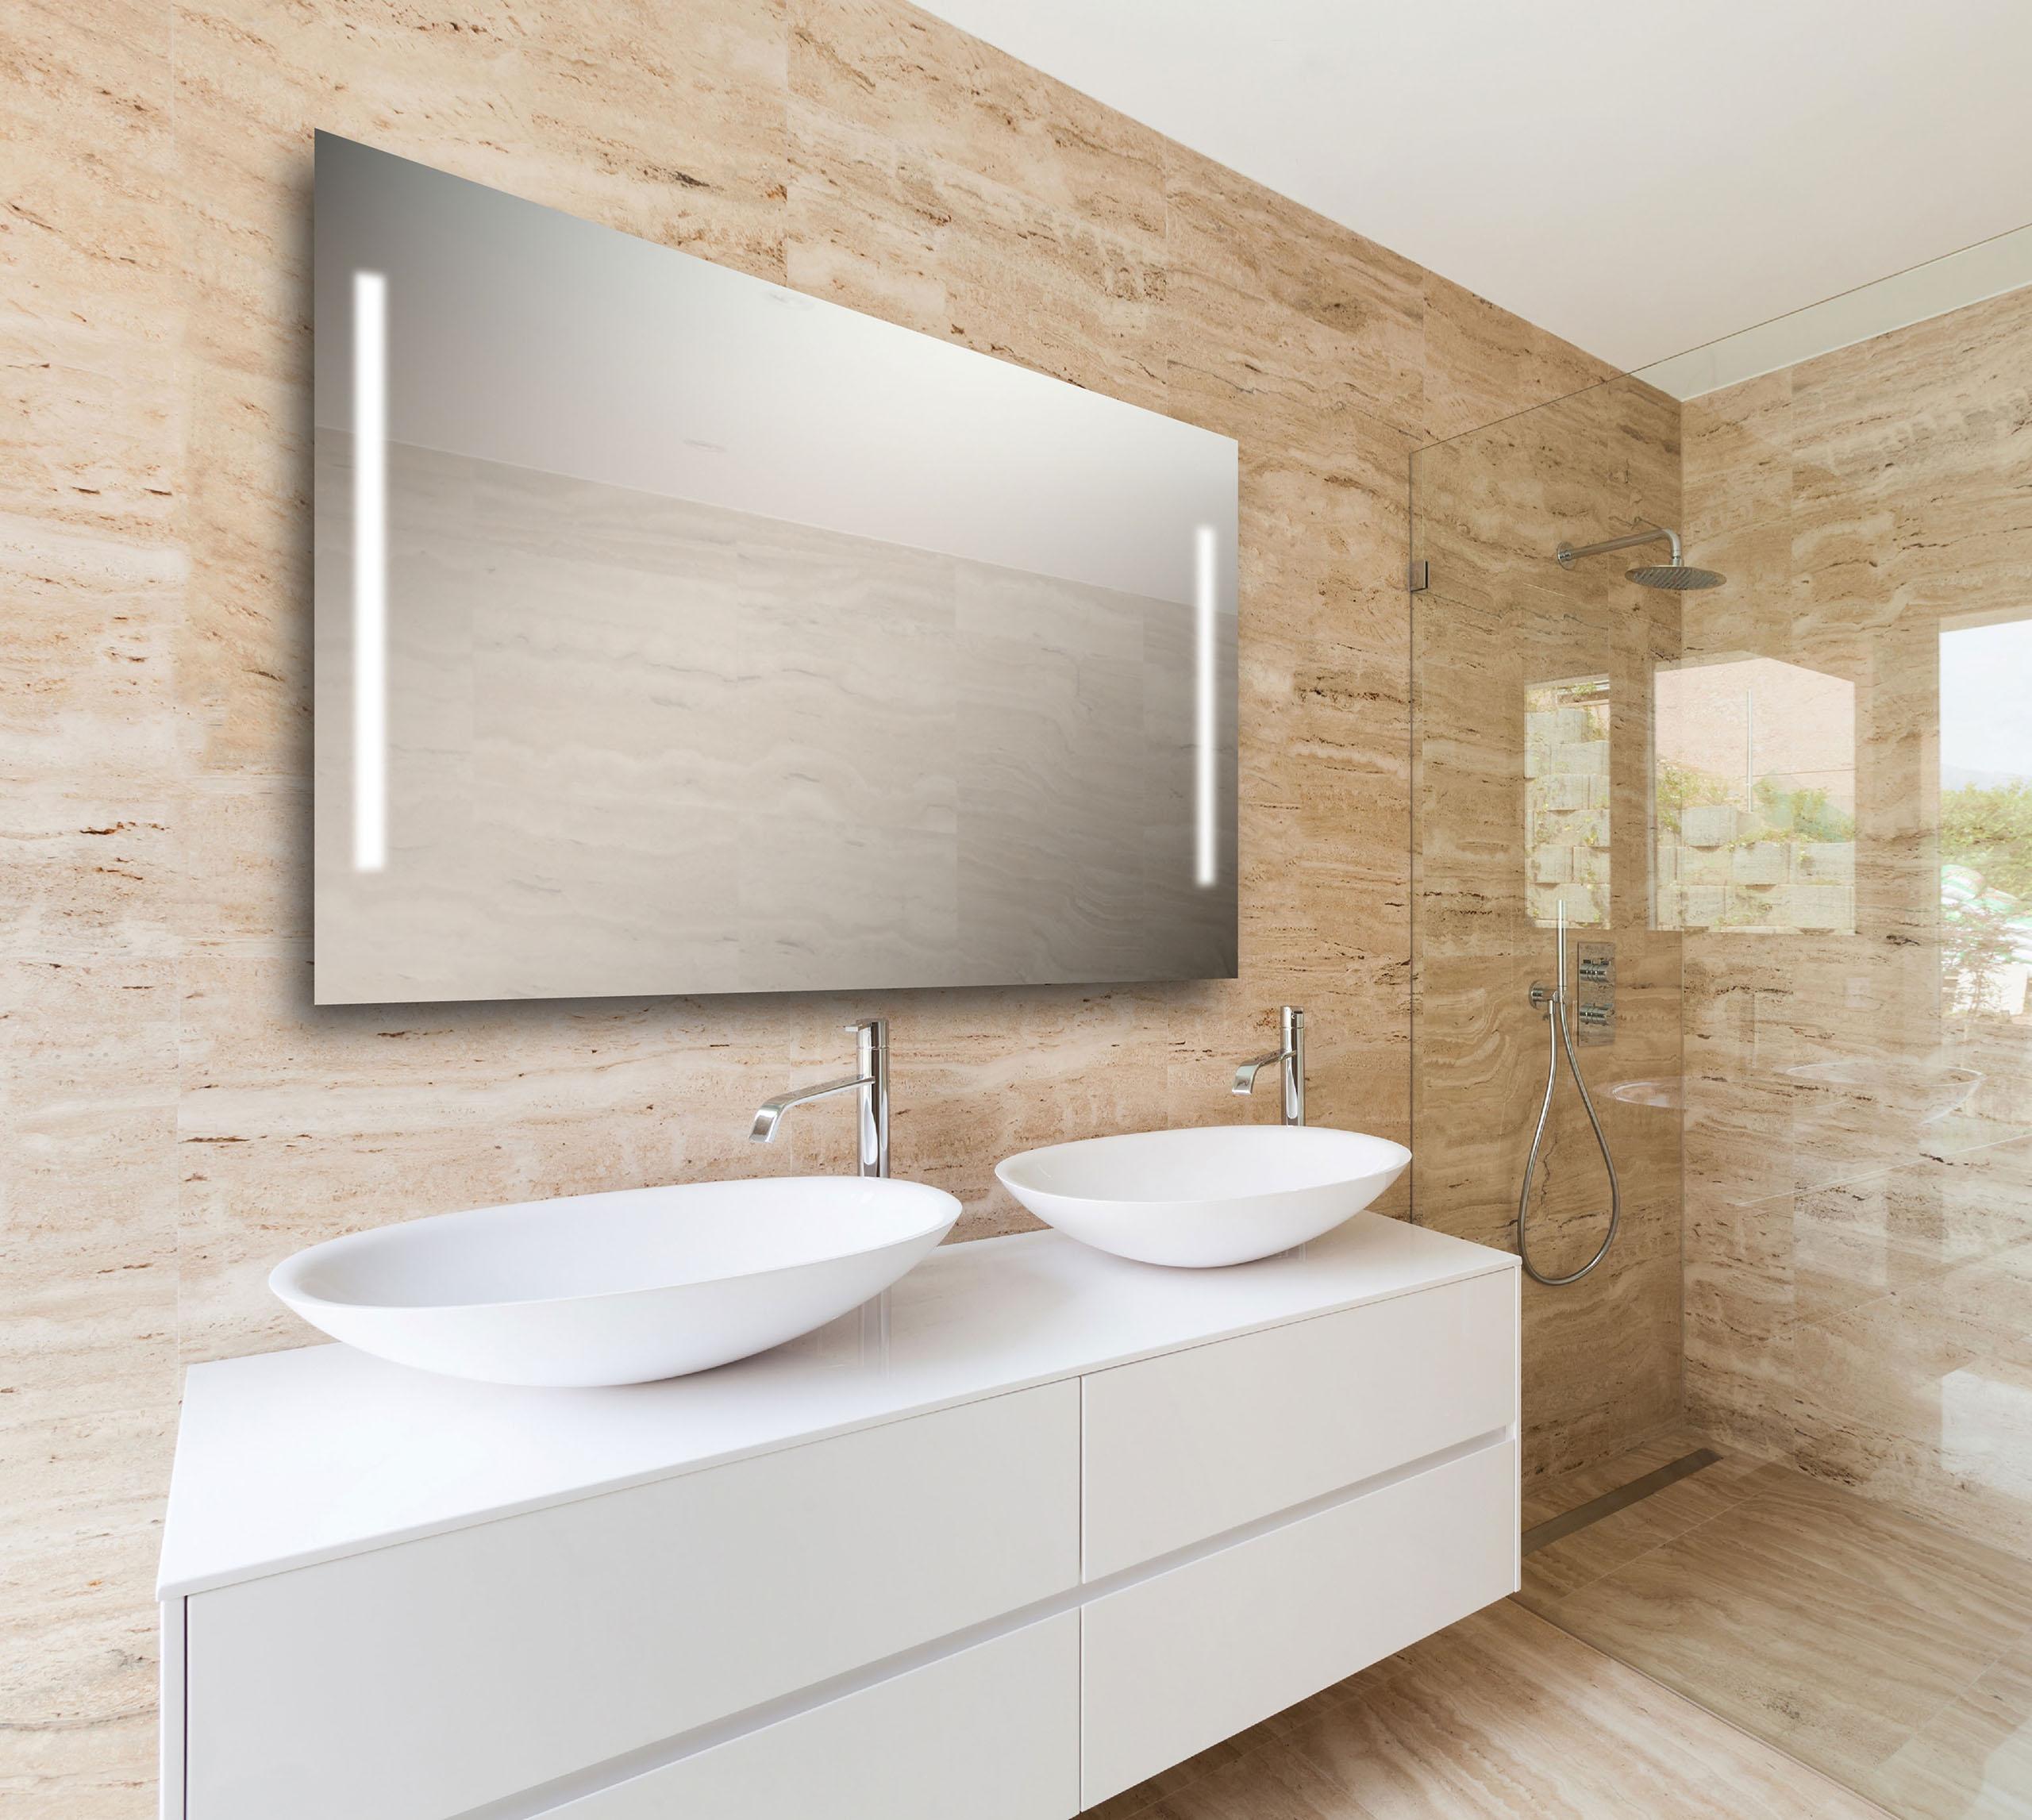 badspiegel licht free make up licht make up spiegel mit. Black Bedroom Furniture Sets. Home Design Ideas